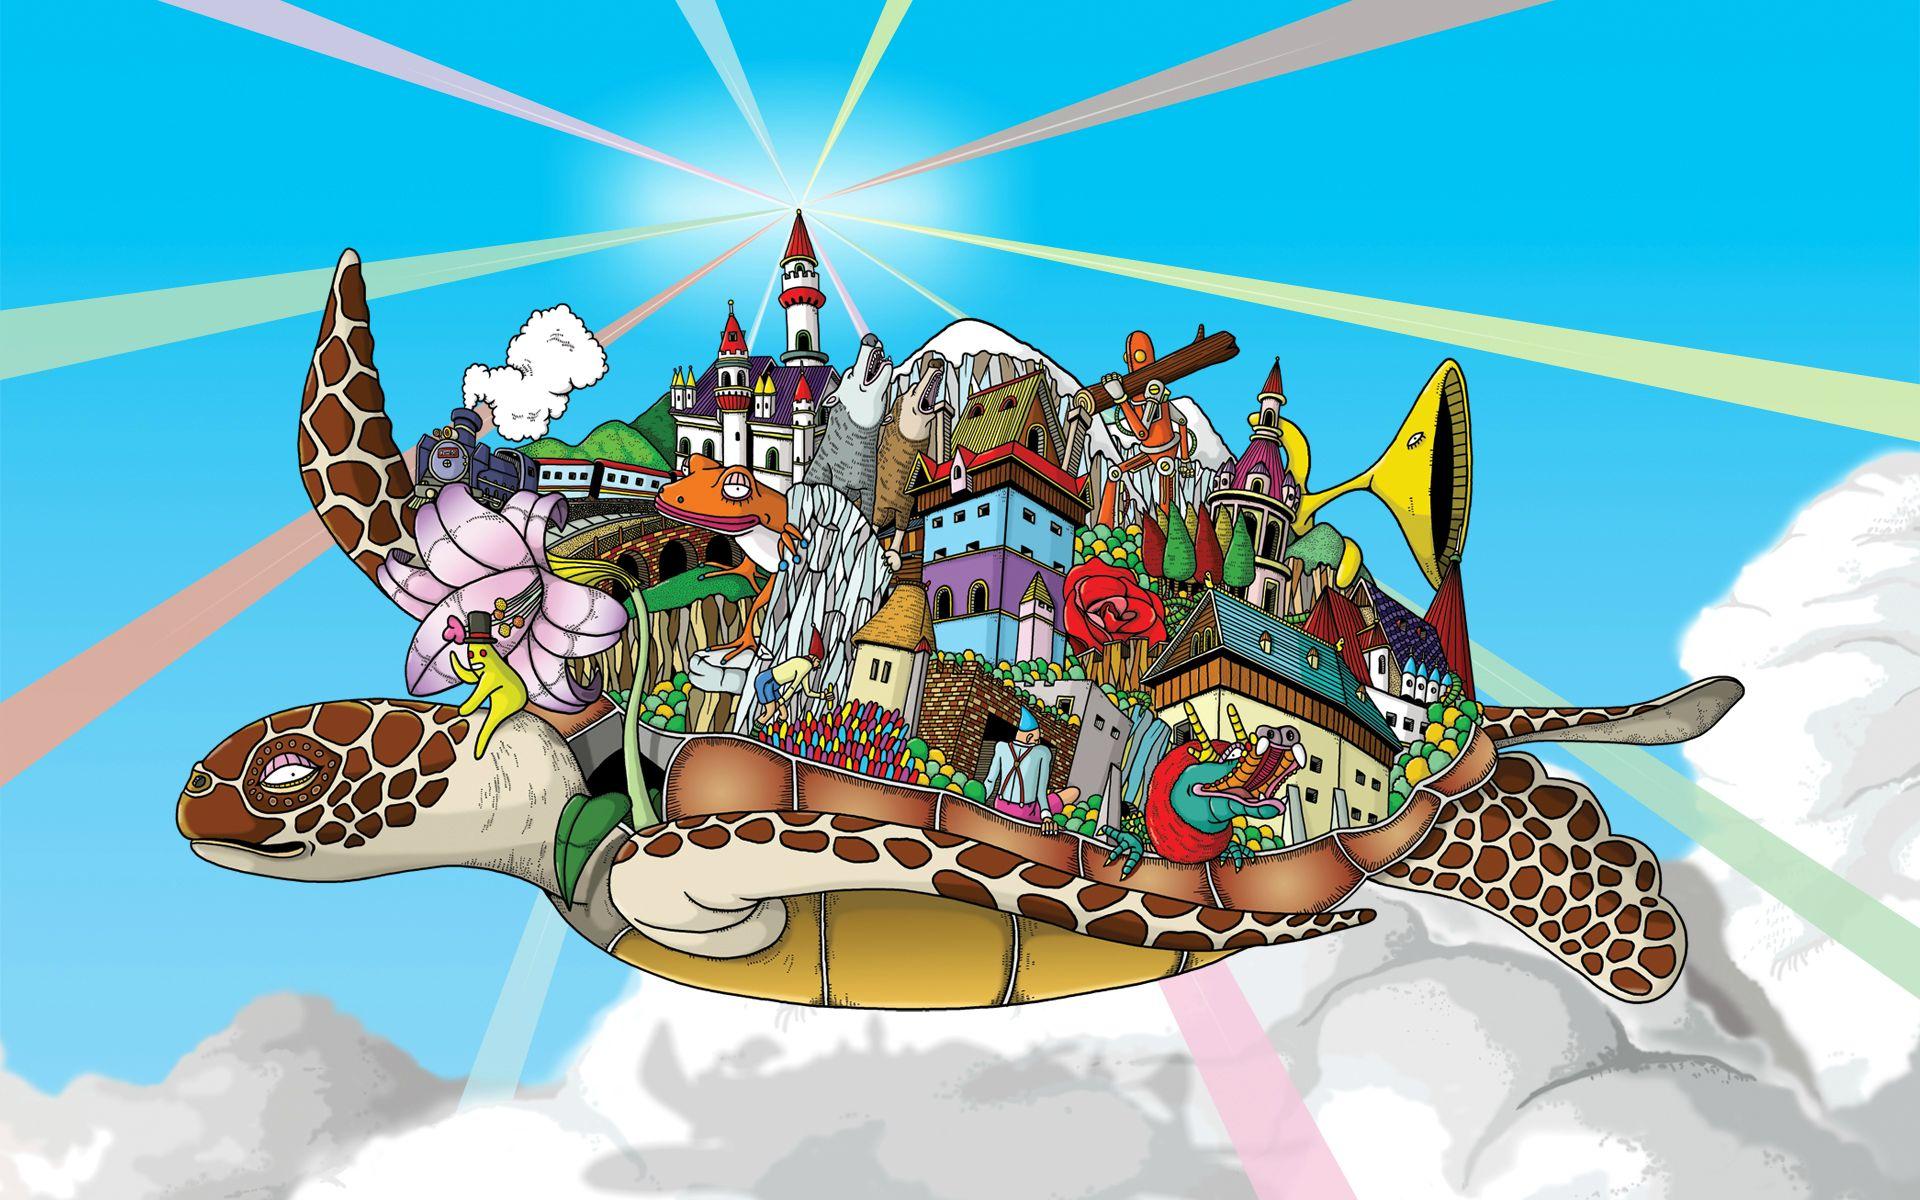 Discworld Wallpaper   Enjoy fellow Pratchett fans not OP   Imgur 1920x1200